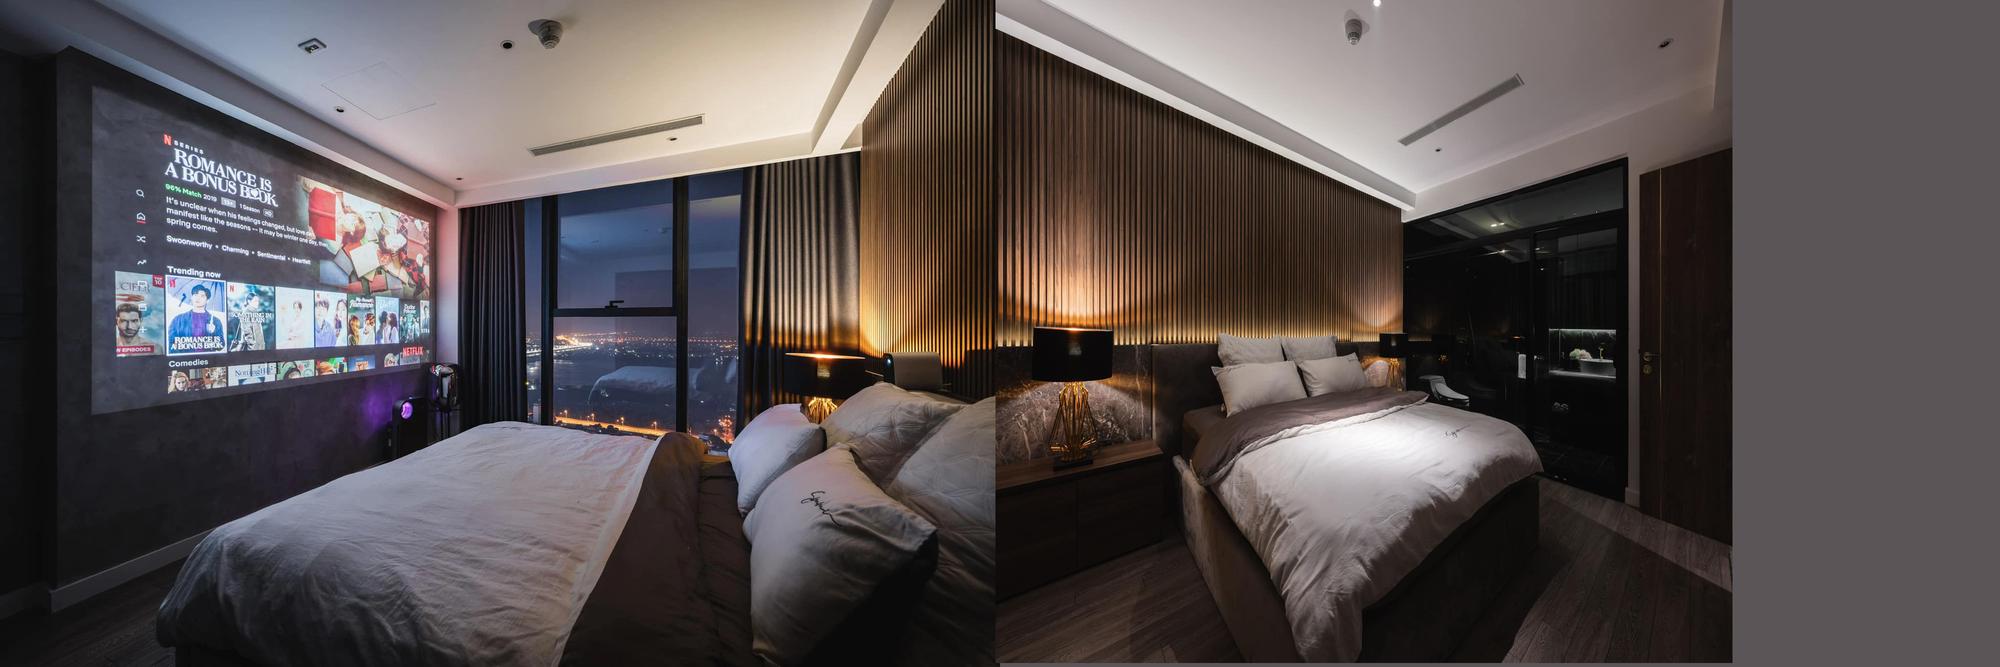 Penthouse 20 tỷ với gam màu đen huyền bí và sang trọng của 9X độc thân: Mạnh tay chốt đơn thiết kế lên tới 6 tỷ - Ảnh 18.